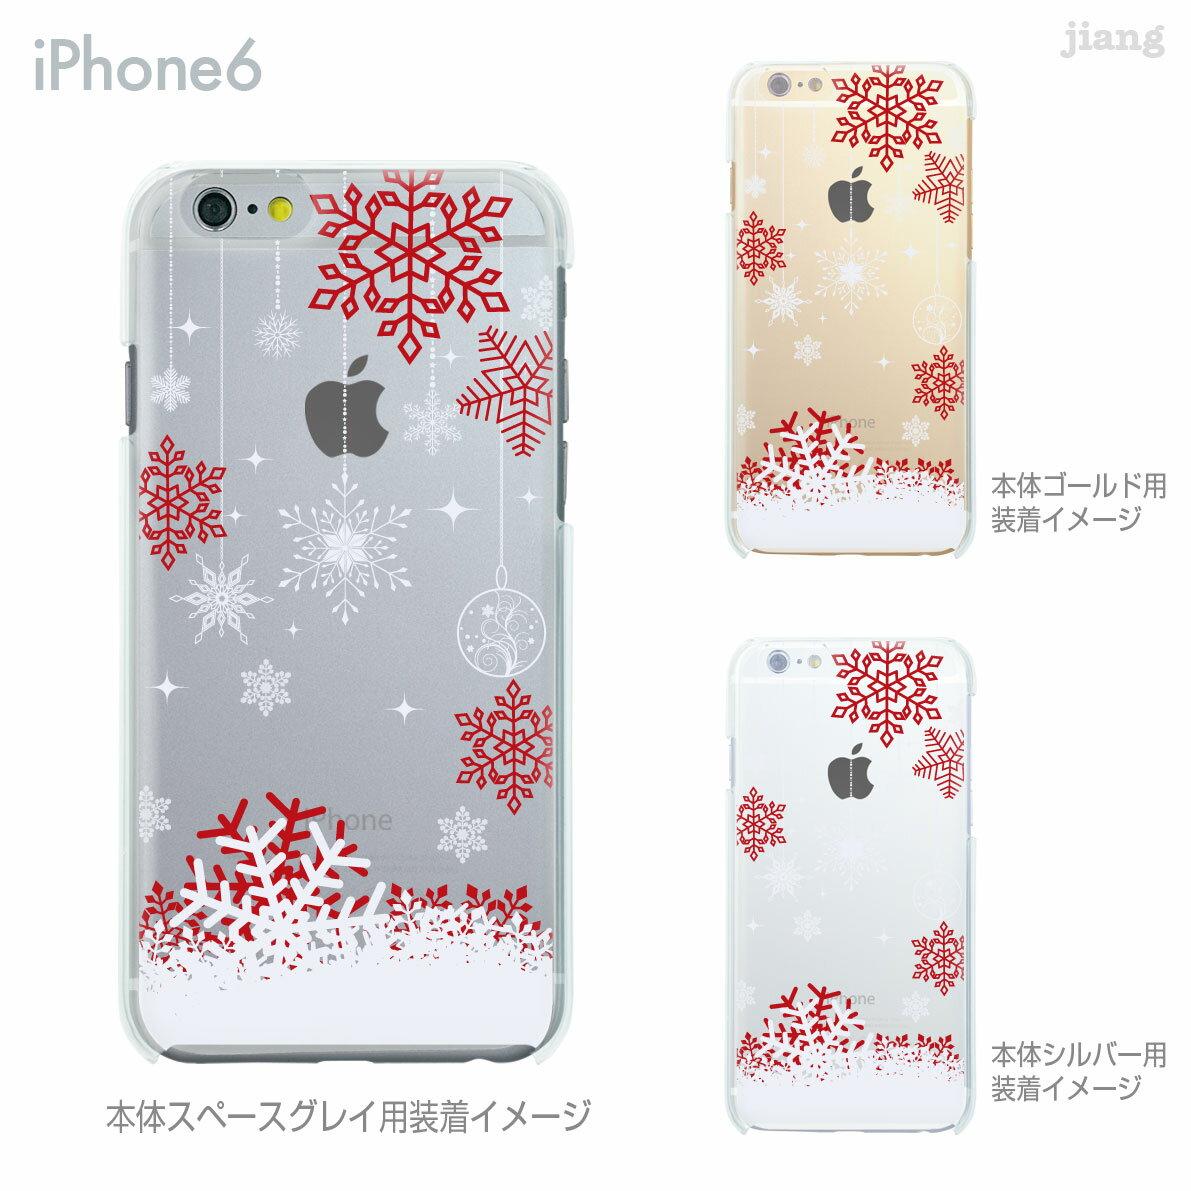 iPhone 11 Pro Max アイフォンX ケース iPhone SE iPhone11 iPhoneXS Max iPhoneXR iPhoneX iPhone8 Plus iphone7 Plus iPhone6s スマホケース ハードケース カバー かわいい Vuodenaika 花柄 21-ip6-ne0039-s